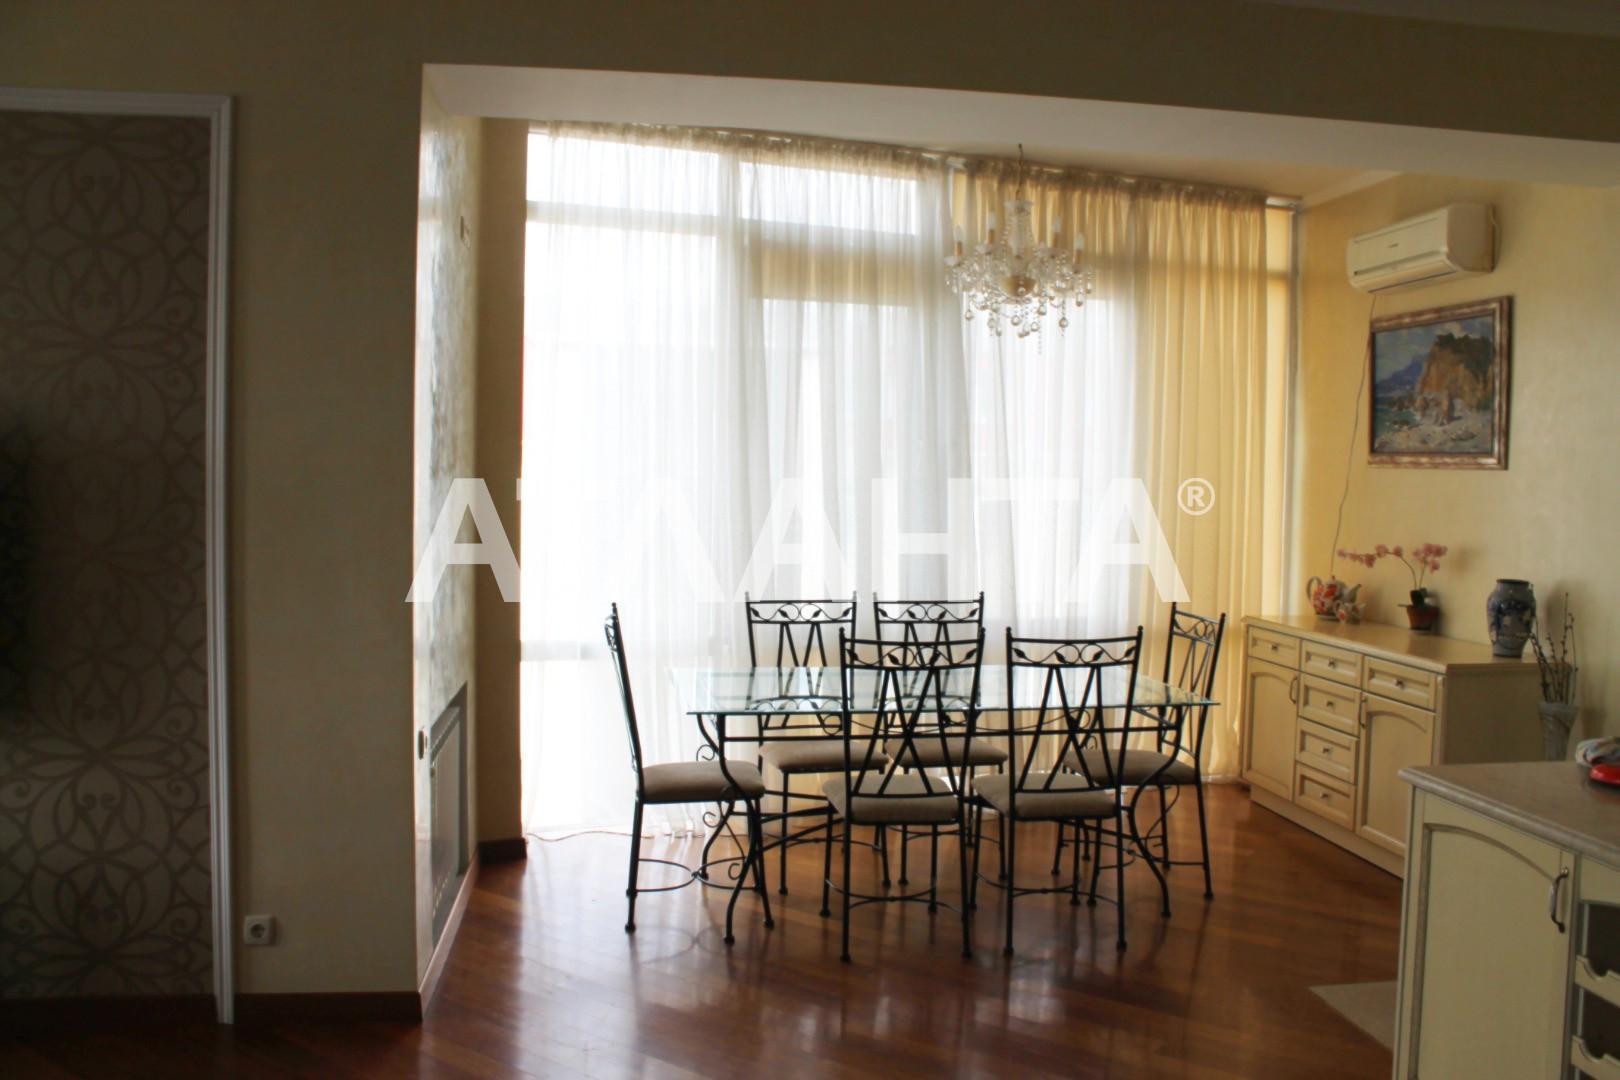 Продается 2-комнатная Квартира на ул. Фонтанская Дор. (Перекопской Дивизии) — 300 000 у.е. (фото №11)